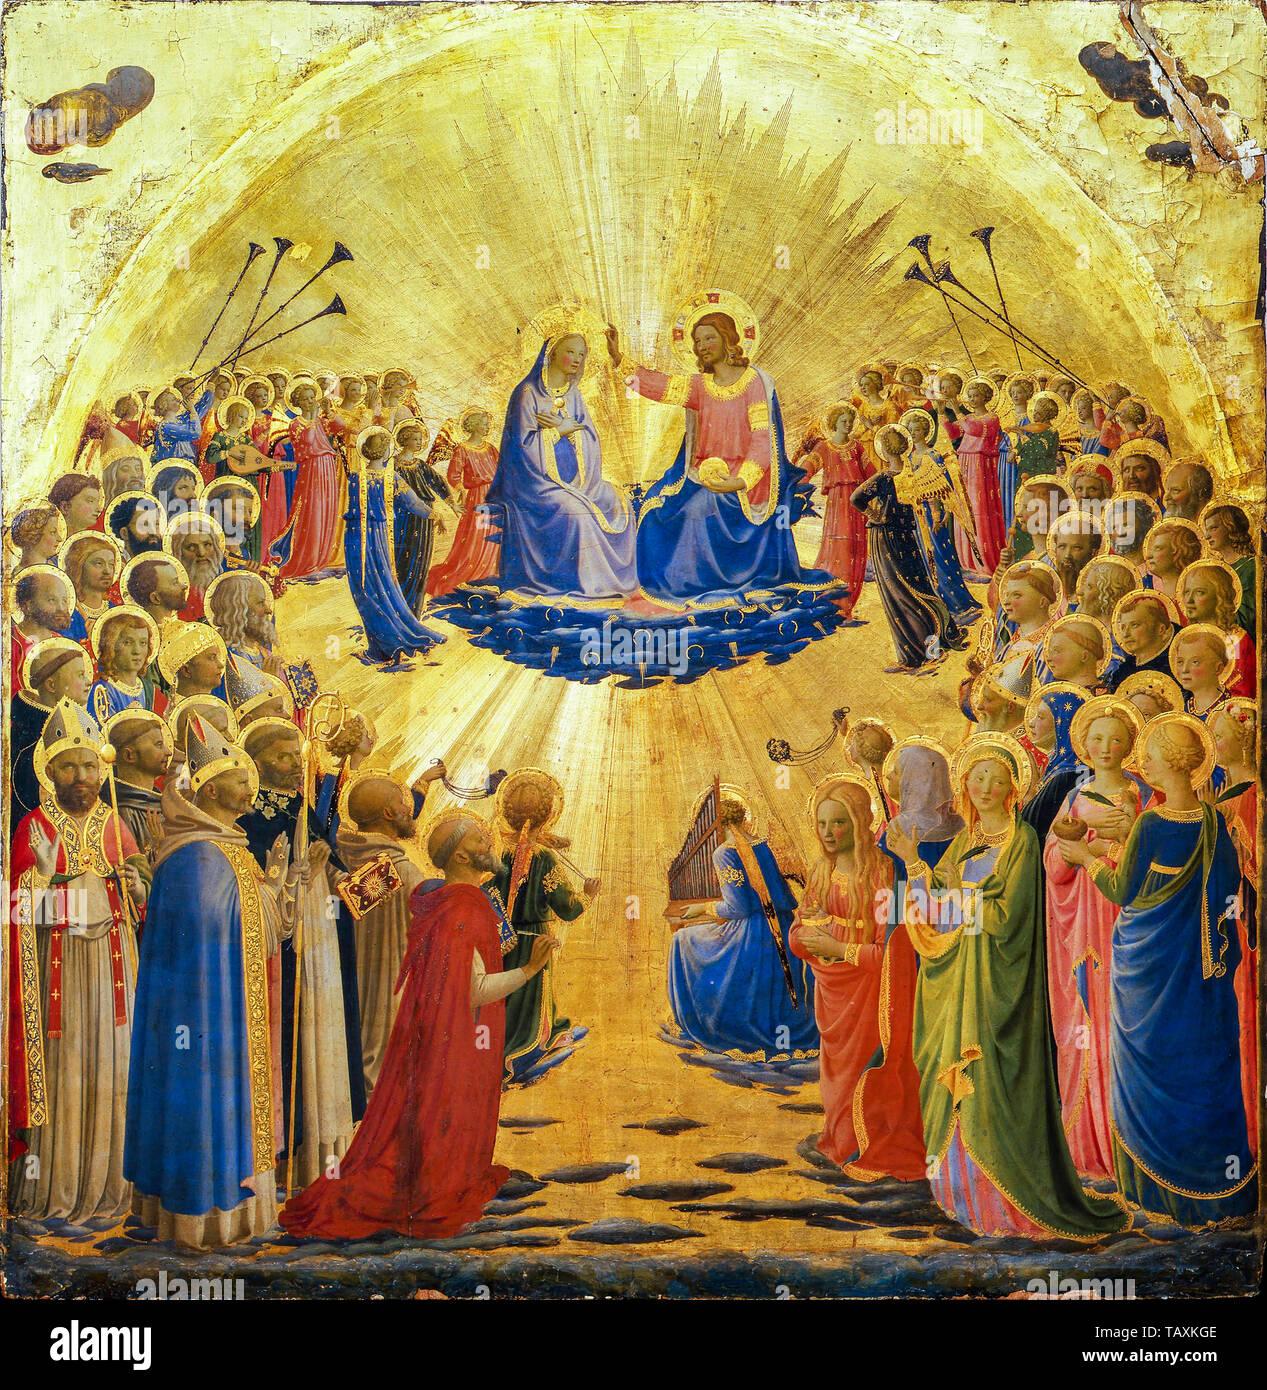 Beato Angelico, l'Incoronazione della Vergine, pittura, circa 1434 Immagini Stock